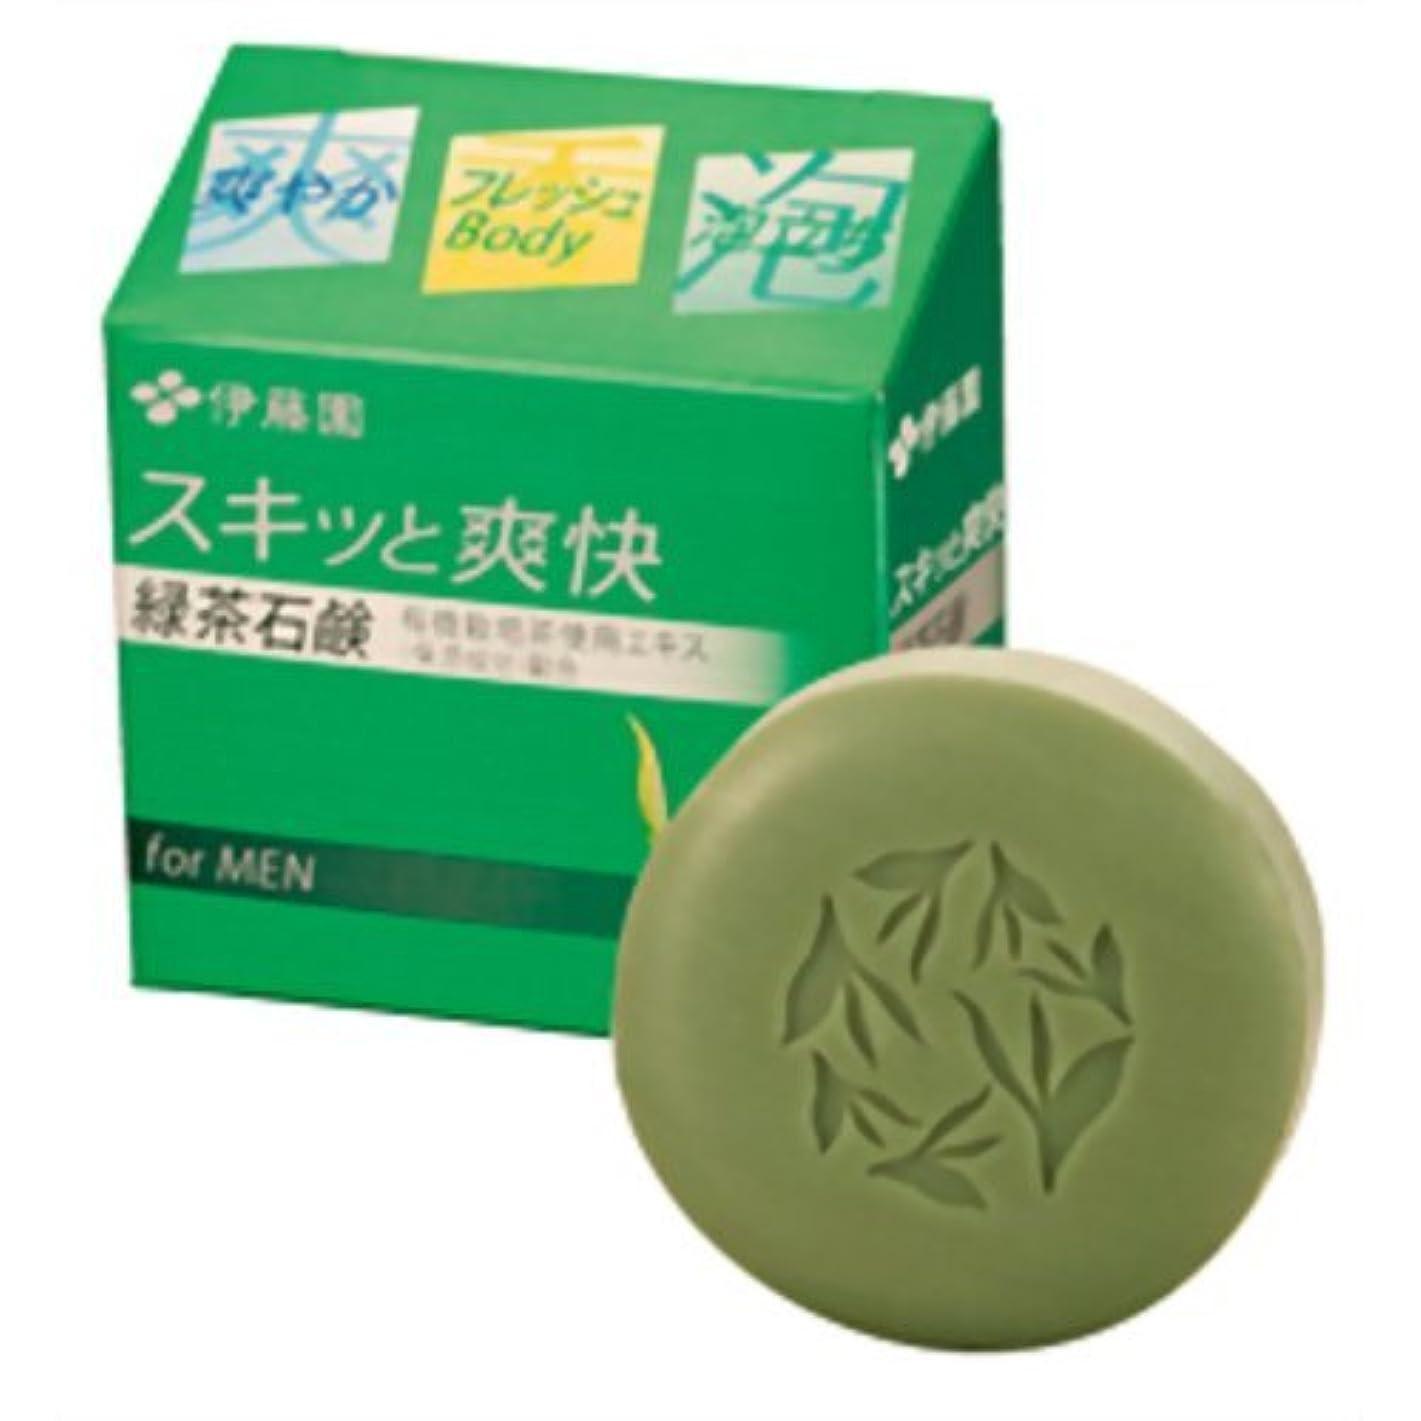 写真のマオリ膨張する伊藤園 スキッと爽快 緑茶石鹸 男性用 80g